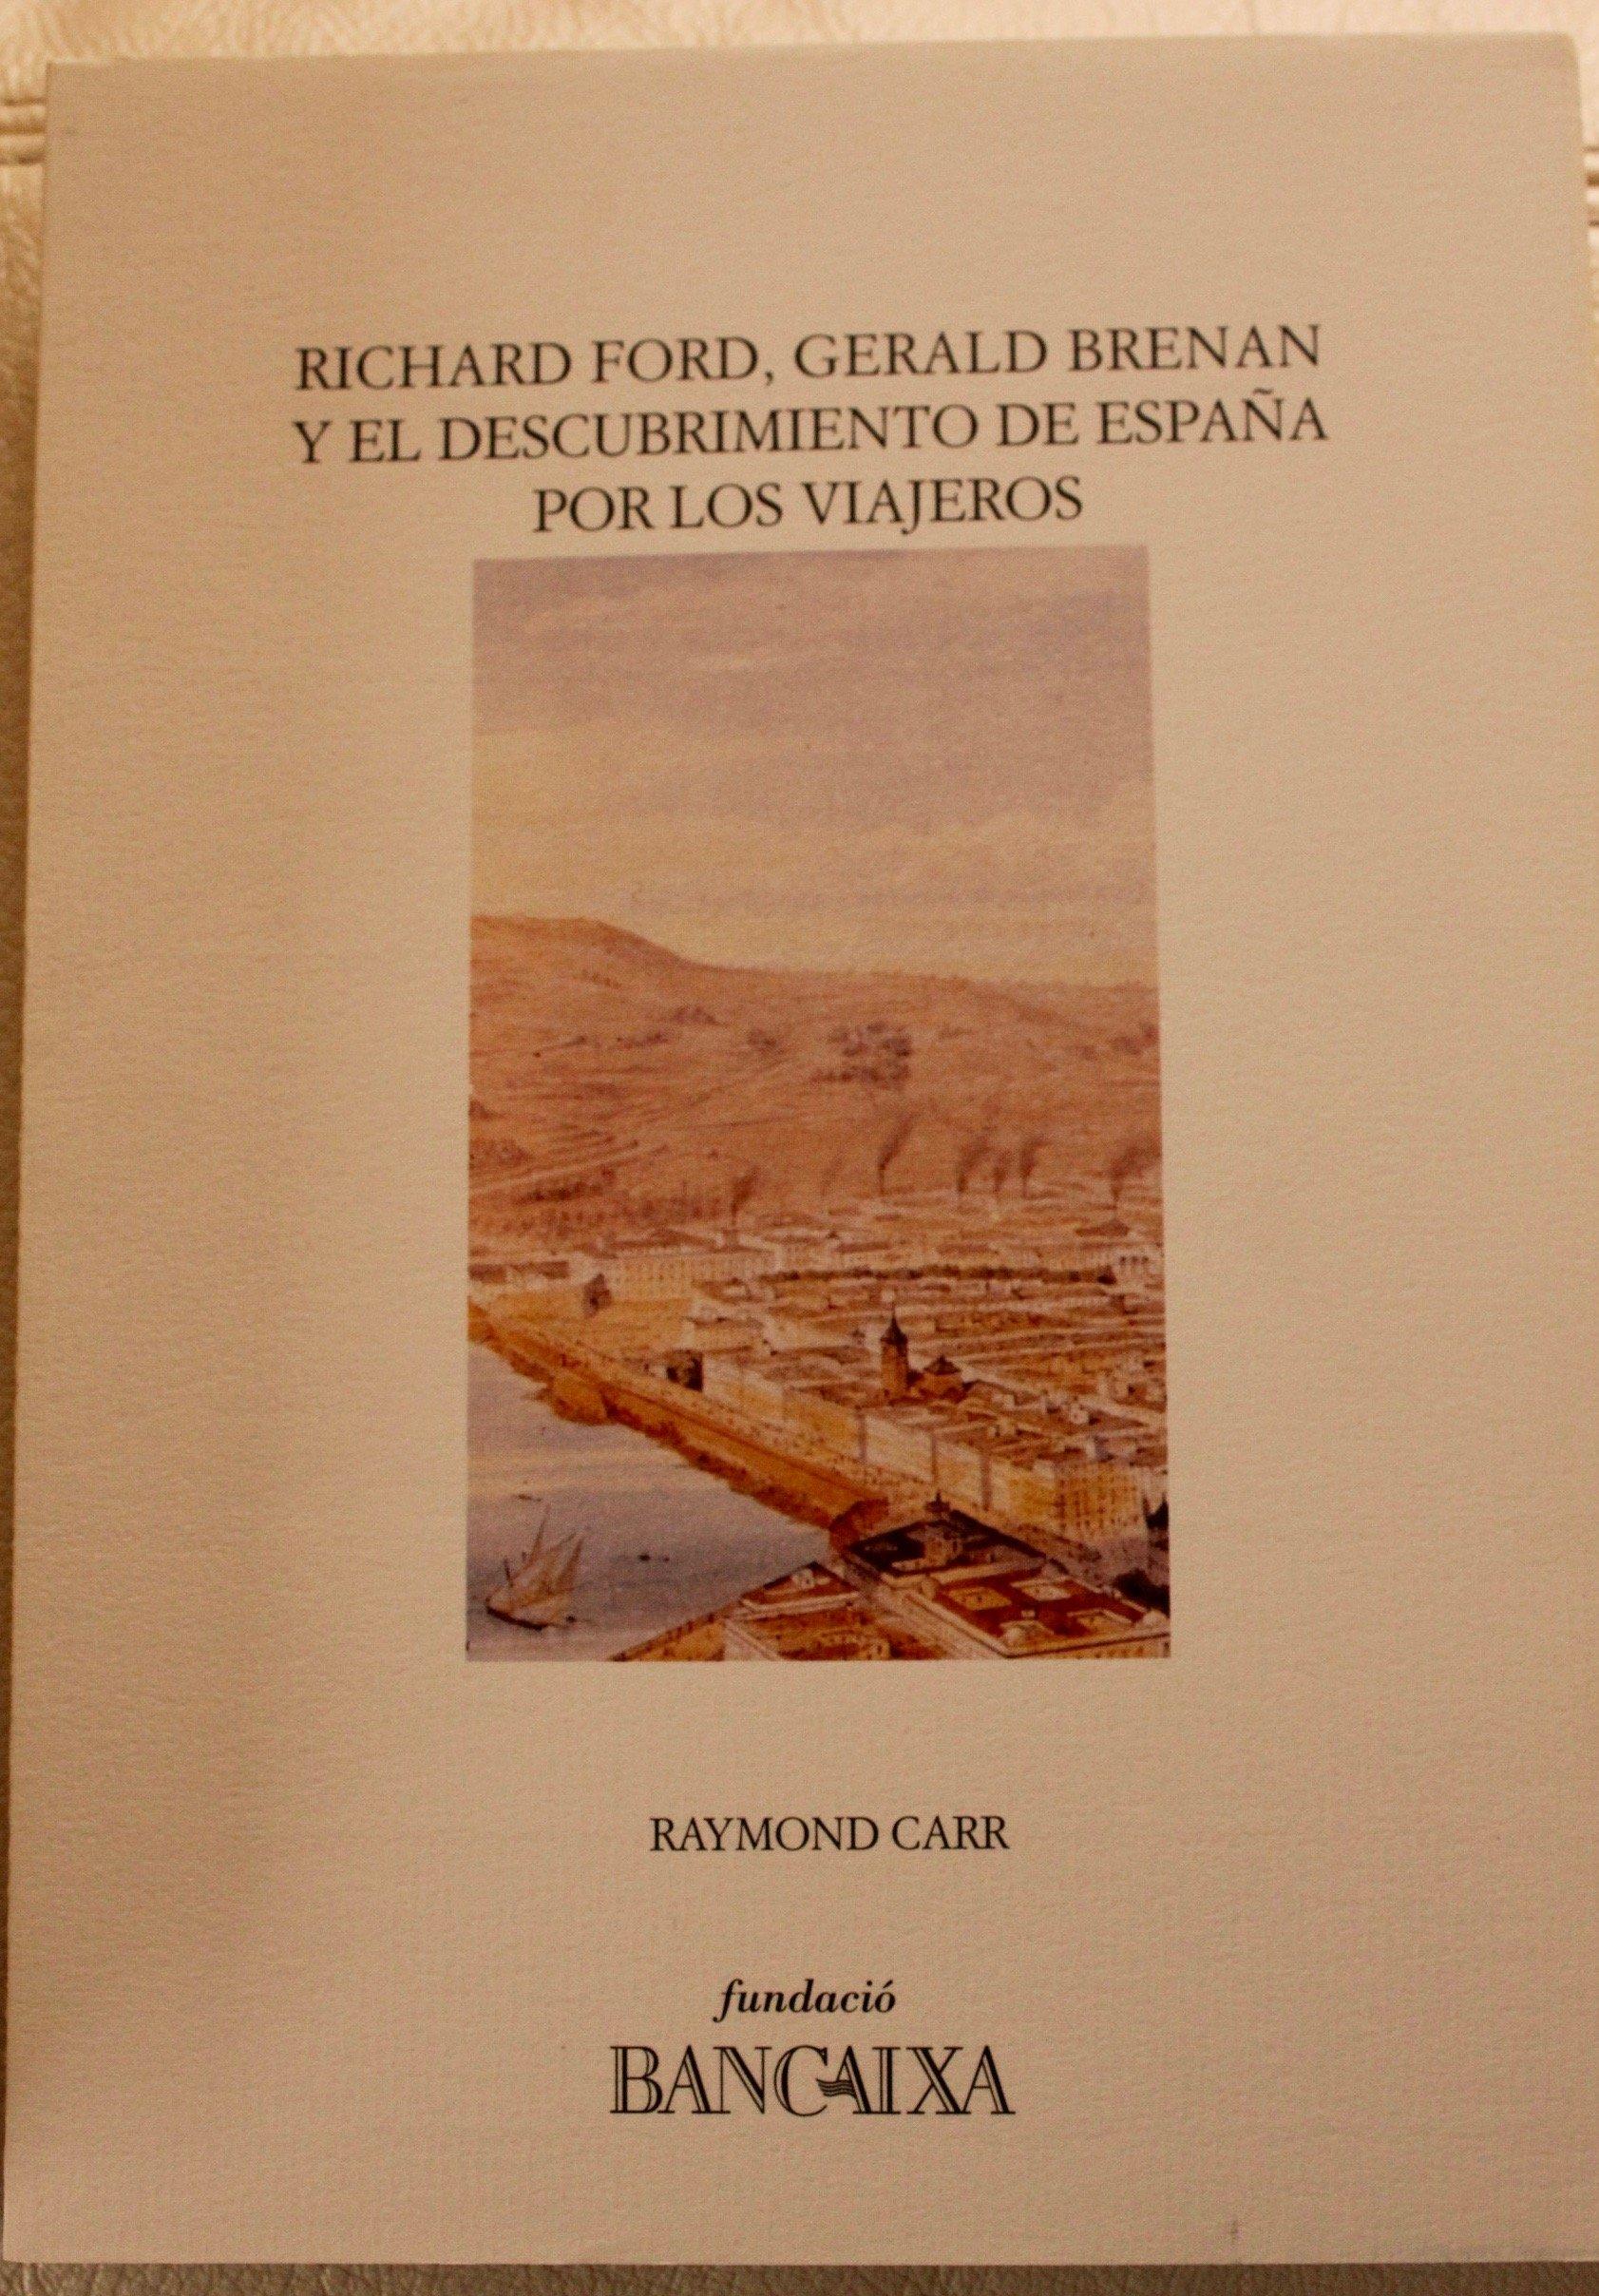 Richard ford, gerald brenan y el descubrimiento de España por: Amazon.es: Carr, Raymond: Libros